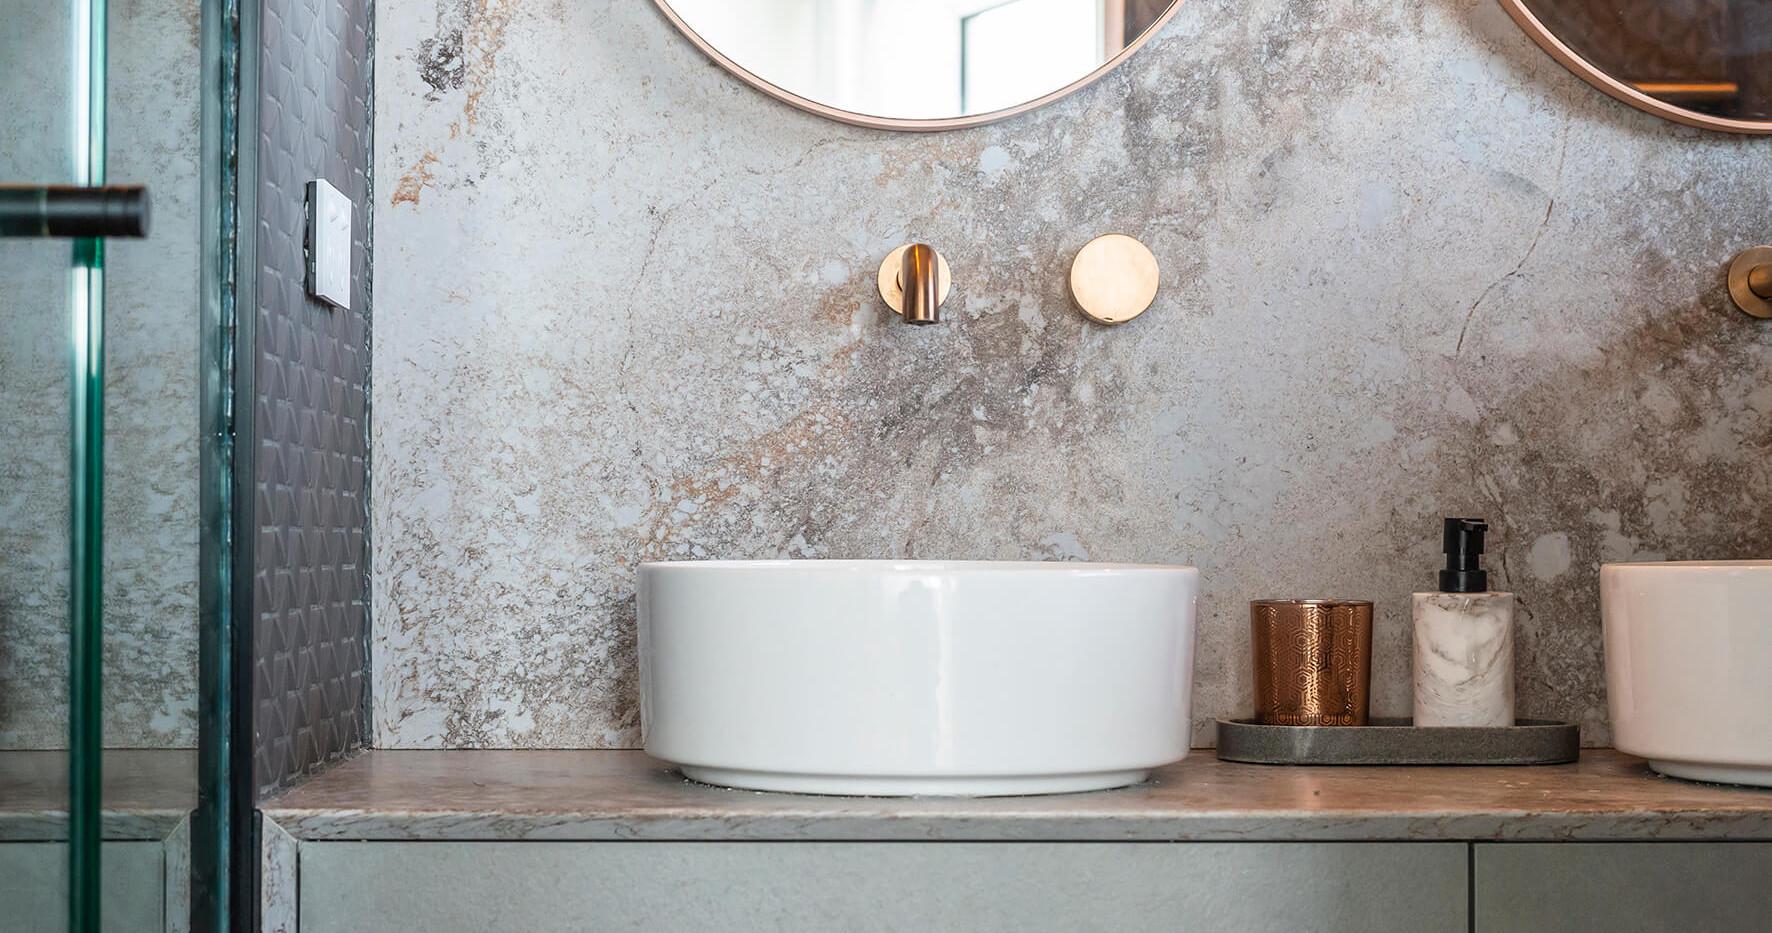 Bronte Seaside Apartment - Cradle residential apartment design - Bathroom